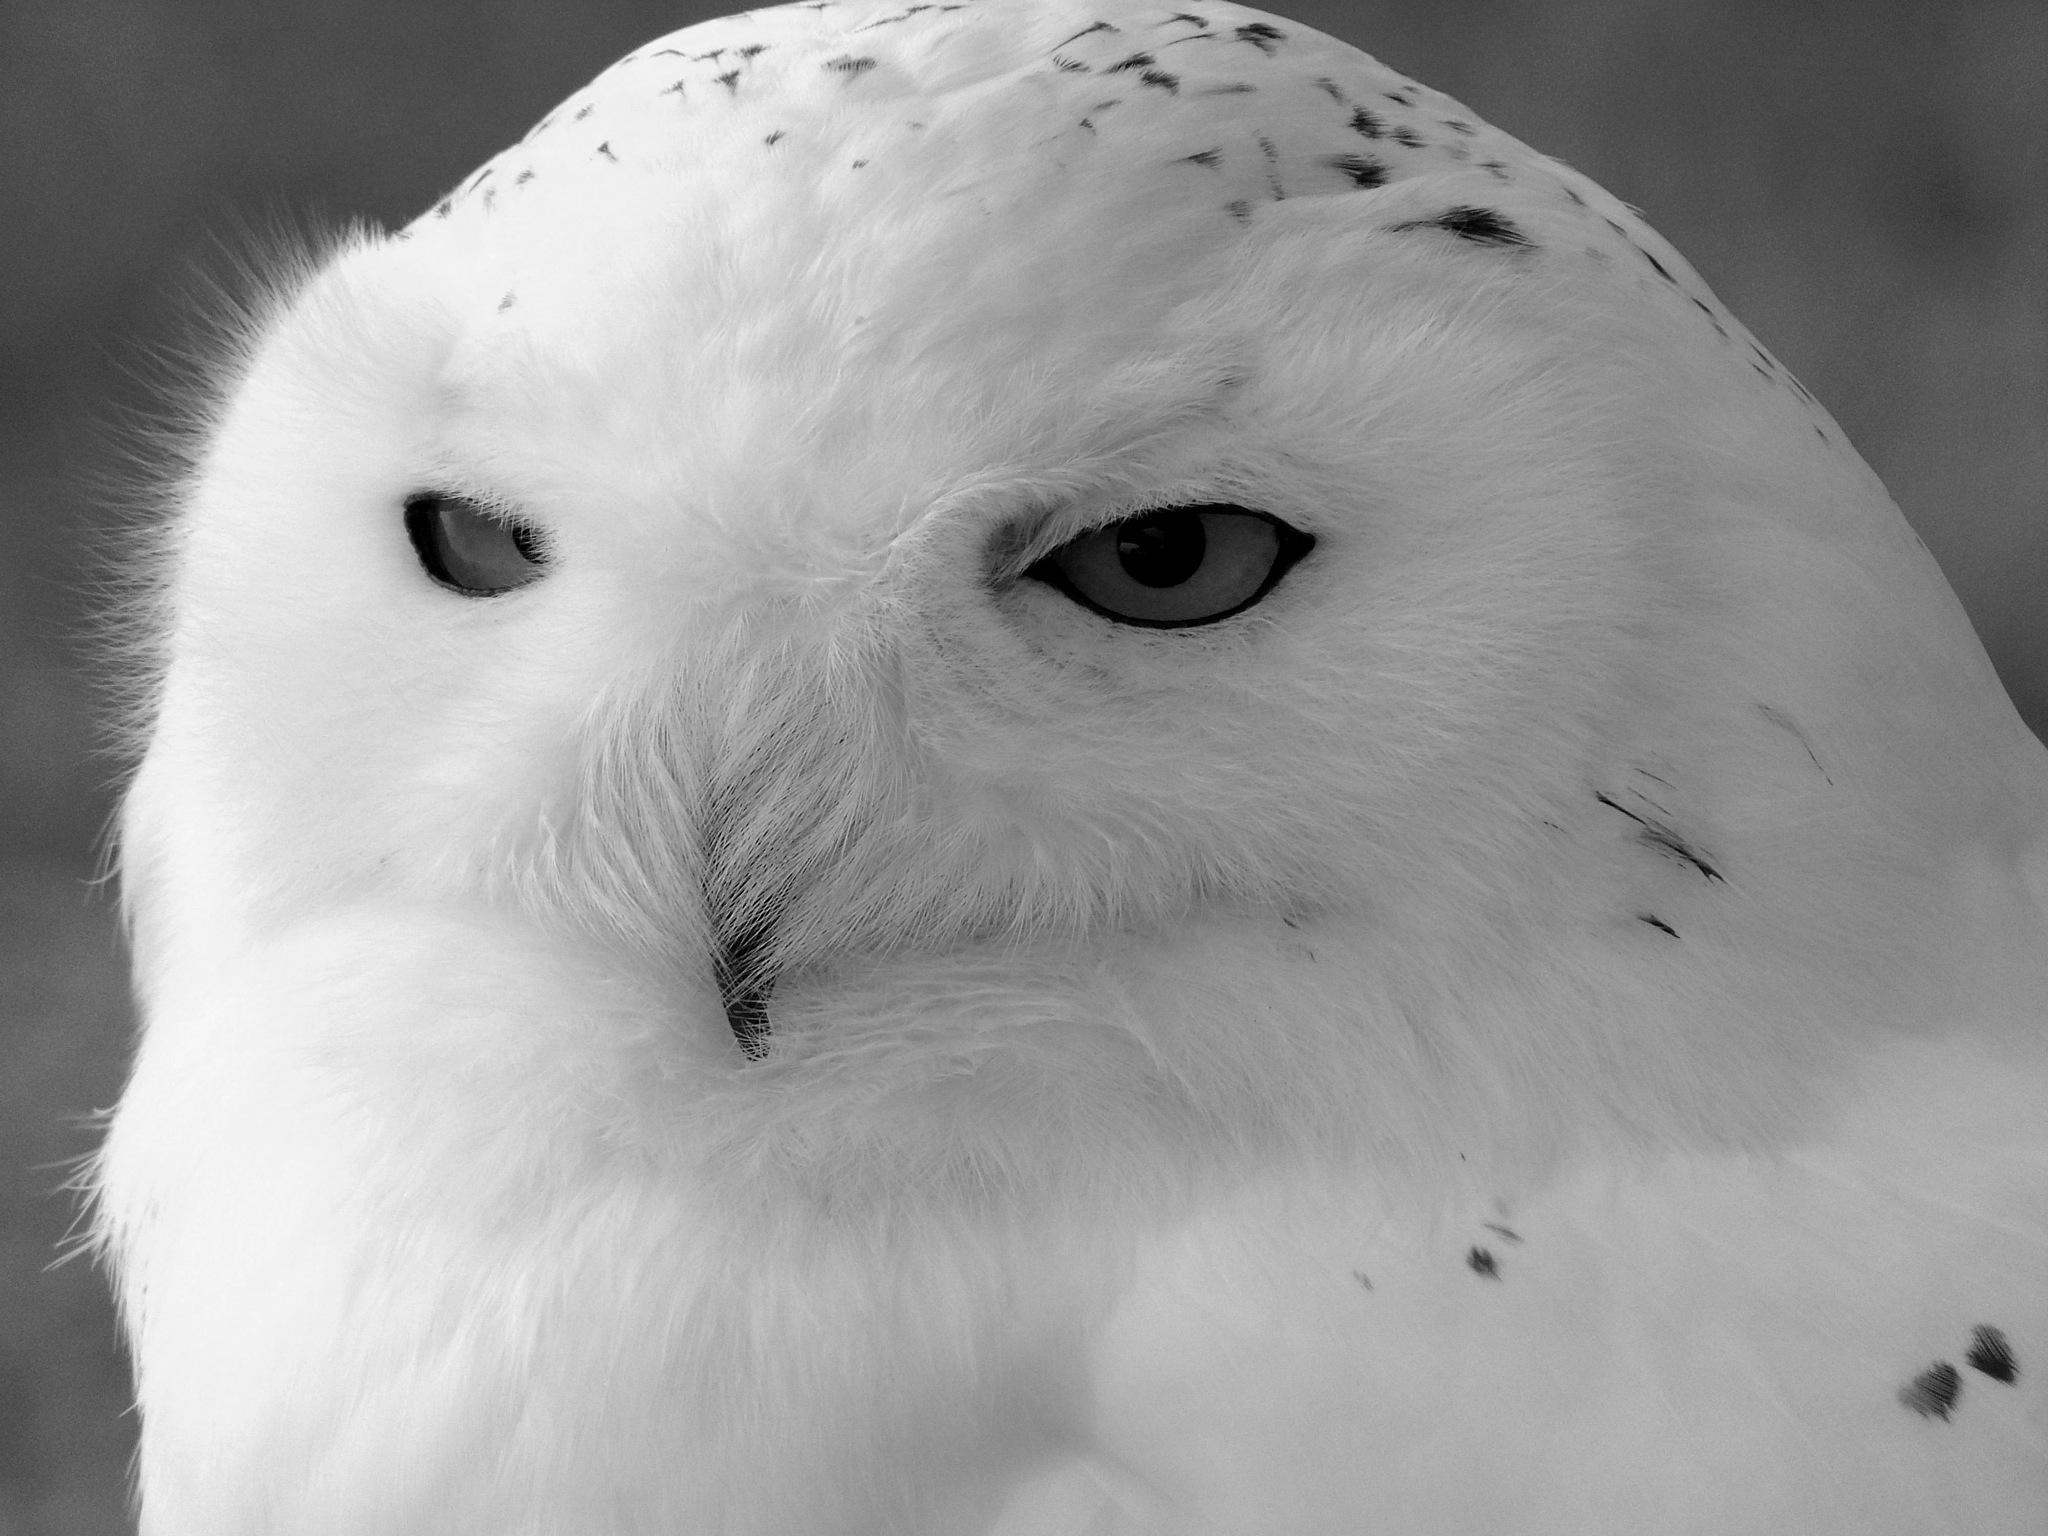 Owl by Dean Bryant